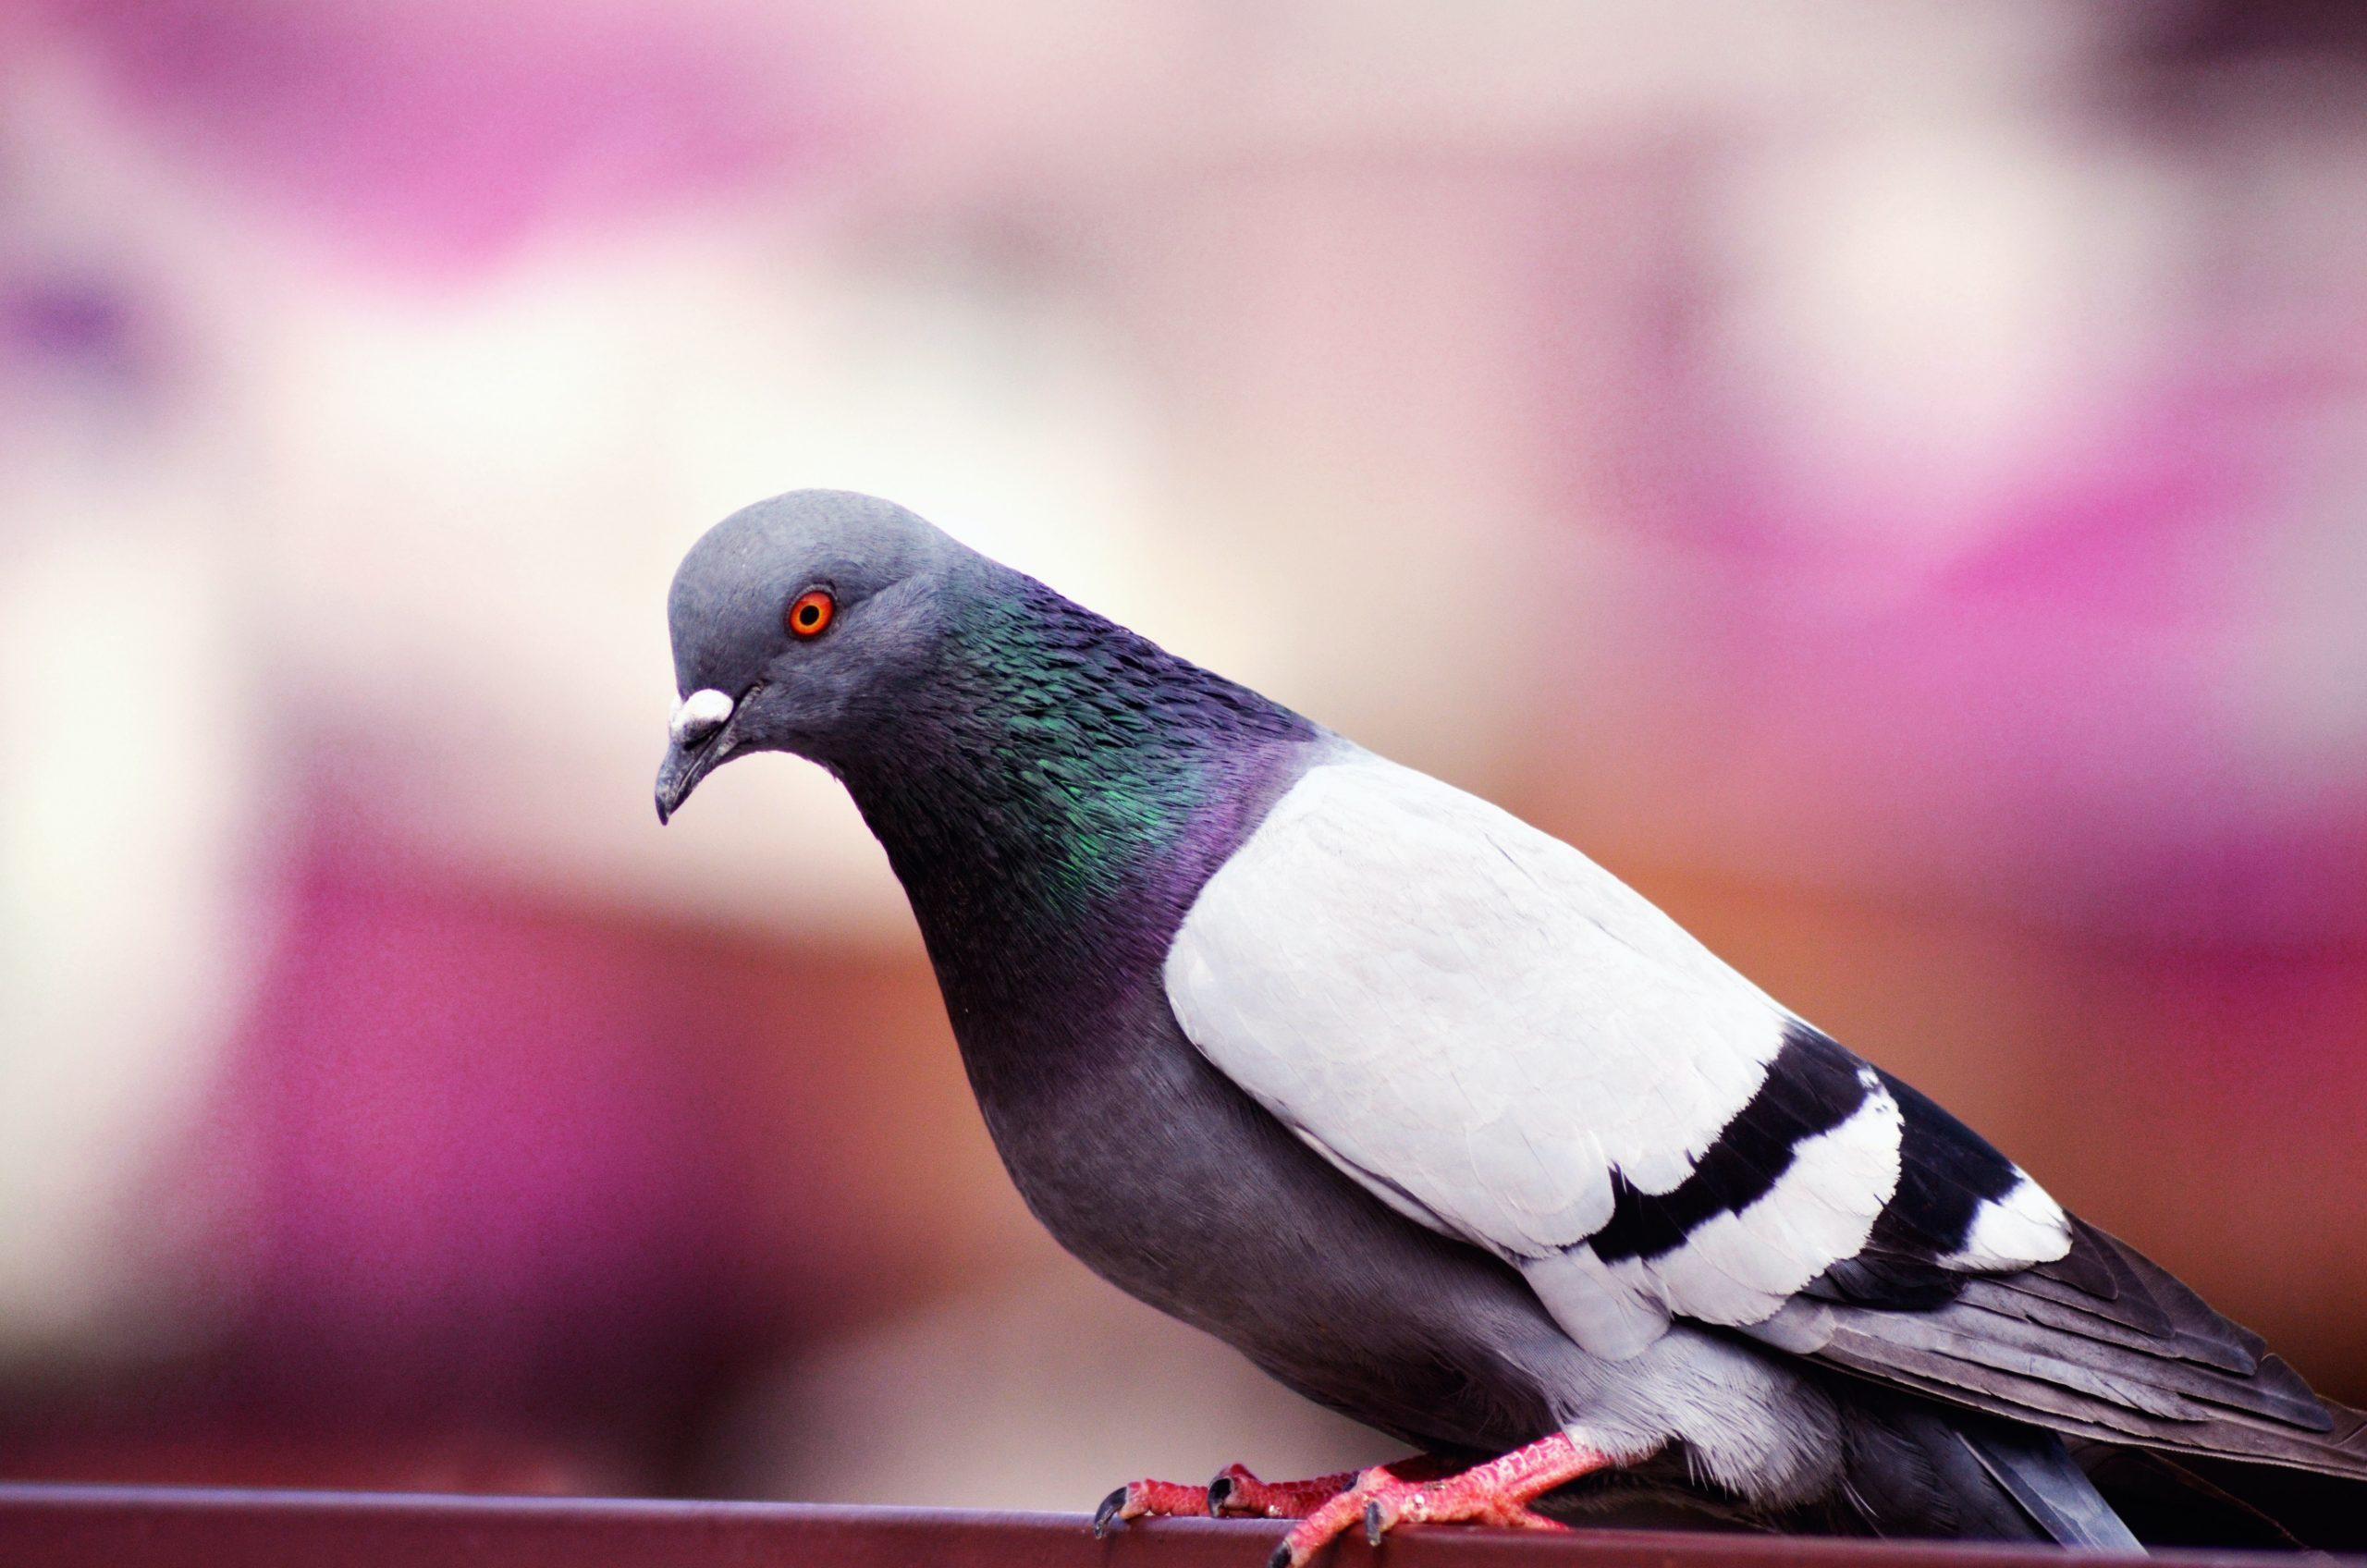 El comportamiento de las palomas, ¿son agresivas?